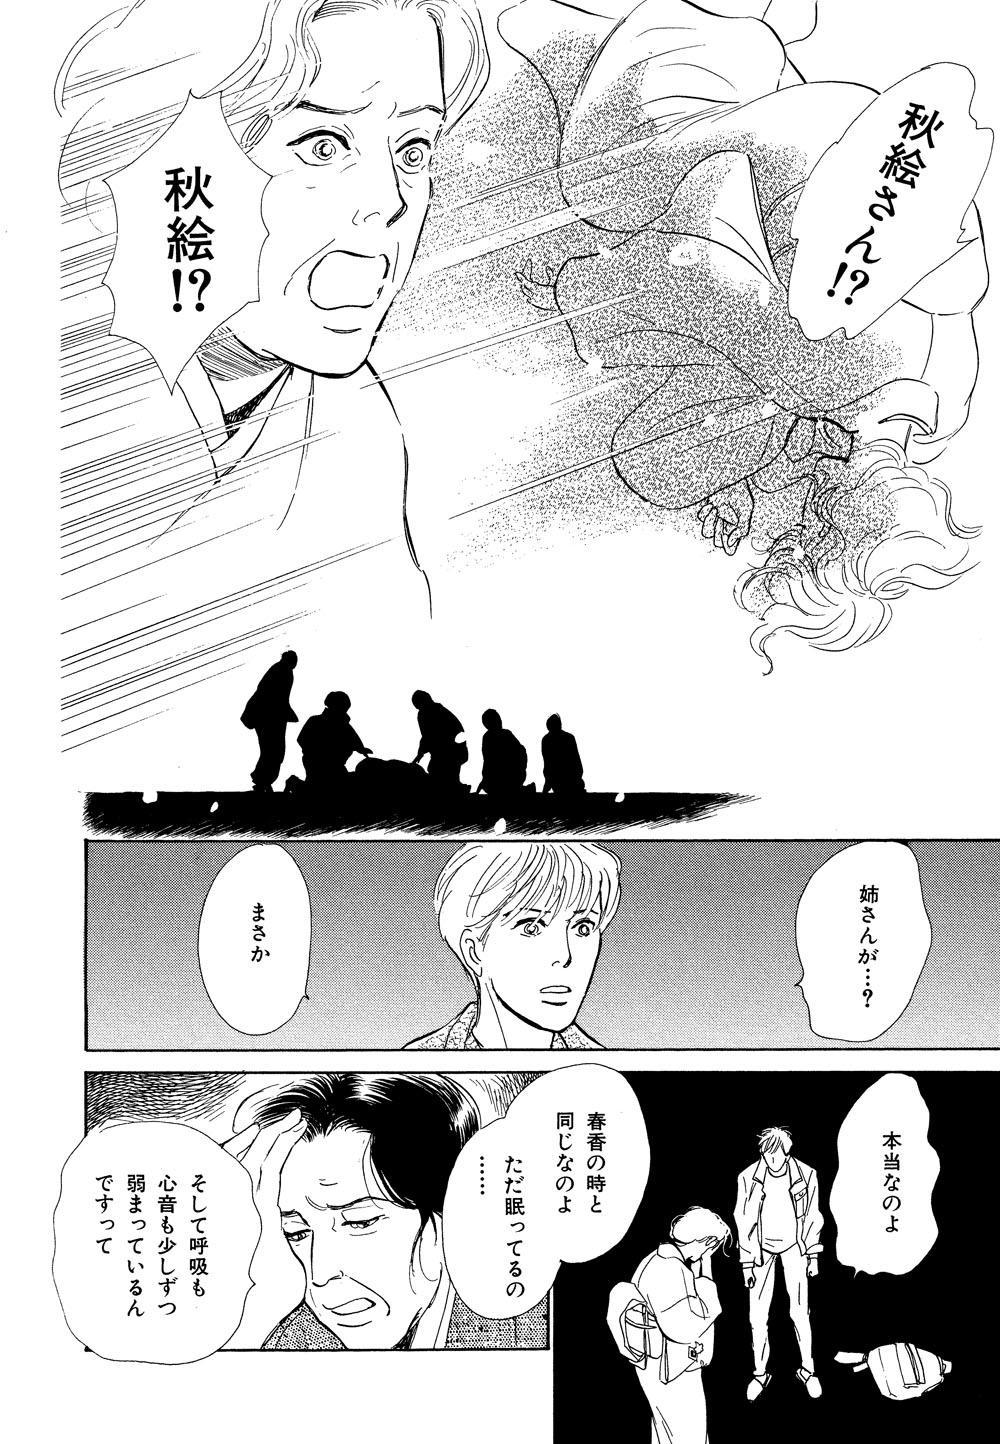 百鬼夜行抄_03_0102.jpg